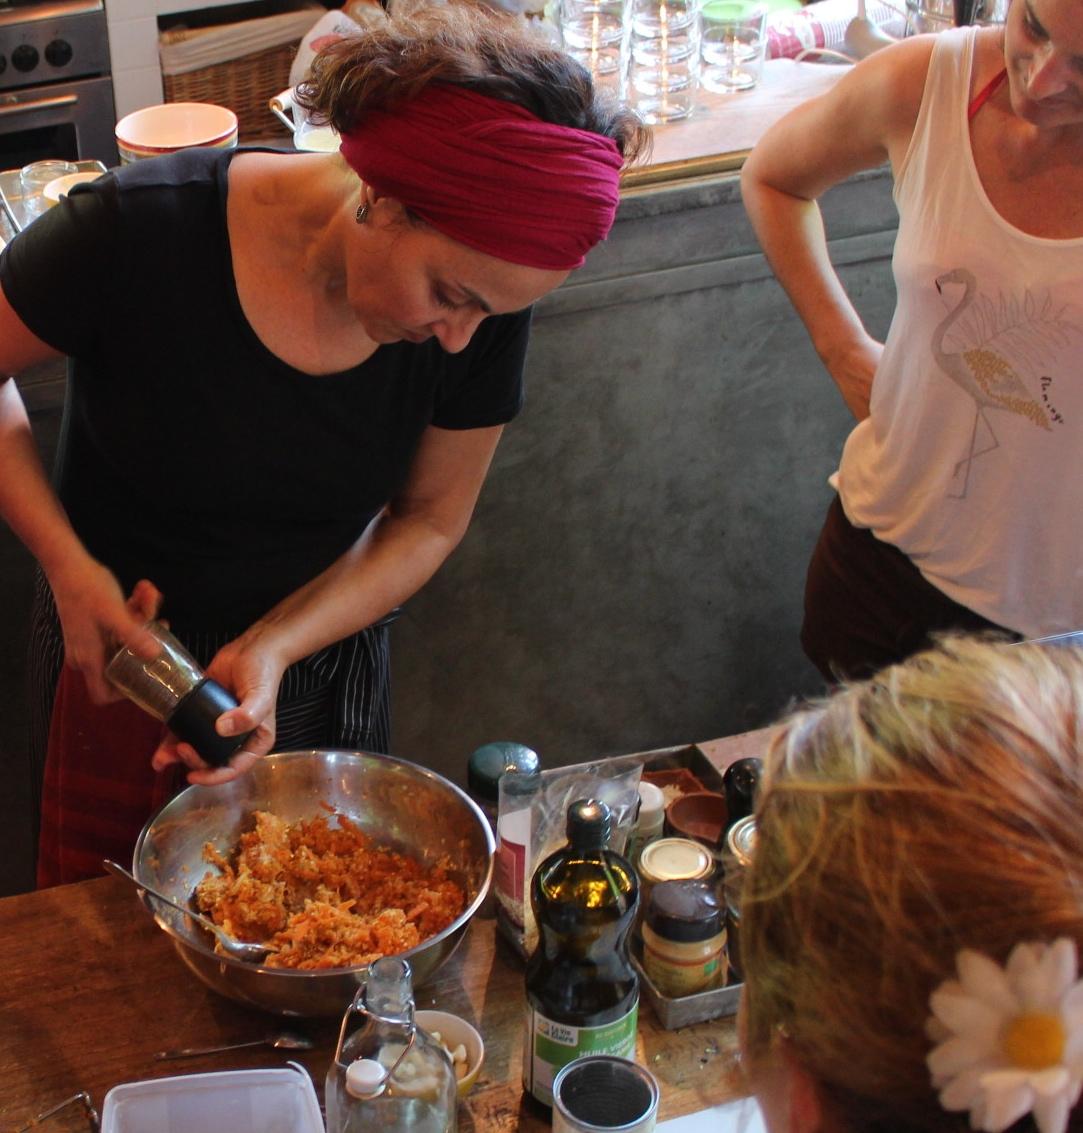 Atelier De Cuisine Picnics Dété Le Vendredi 28 Juin 19 à Paris 11